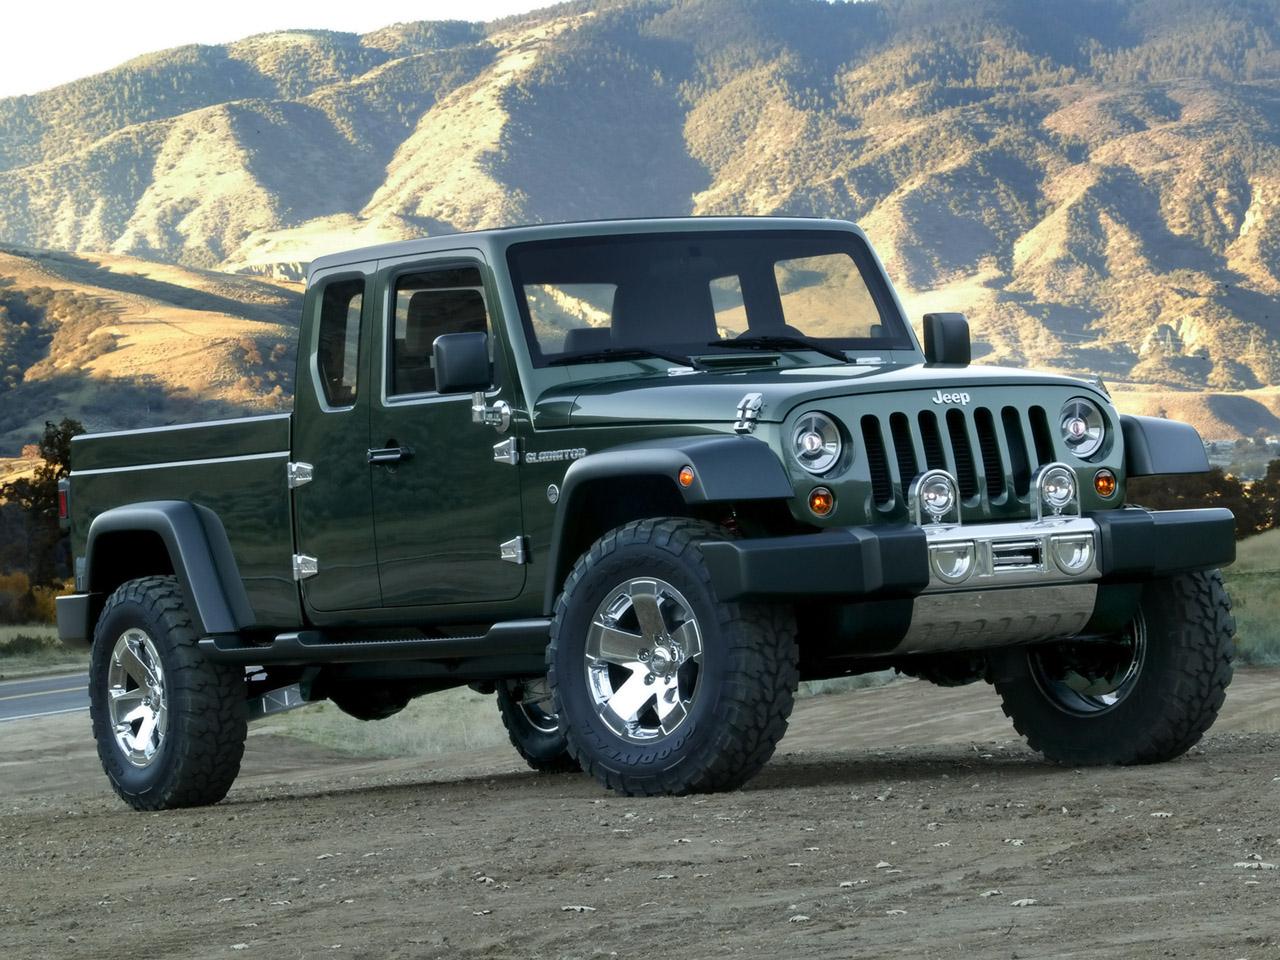 http://4.bp.blogspot.com/-9k1WG4QmDaM/TacFVBFwlwI/AAAAAAAABA8/he7MXtZxEYo/s1600/jeep-gladiator-concept.jpg